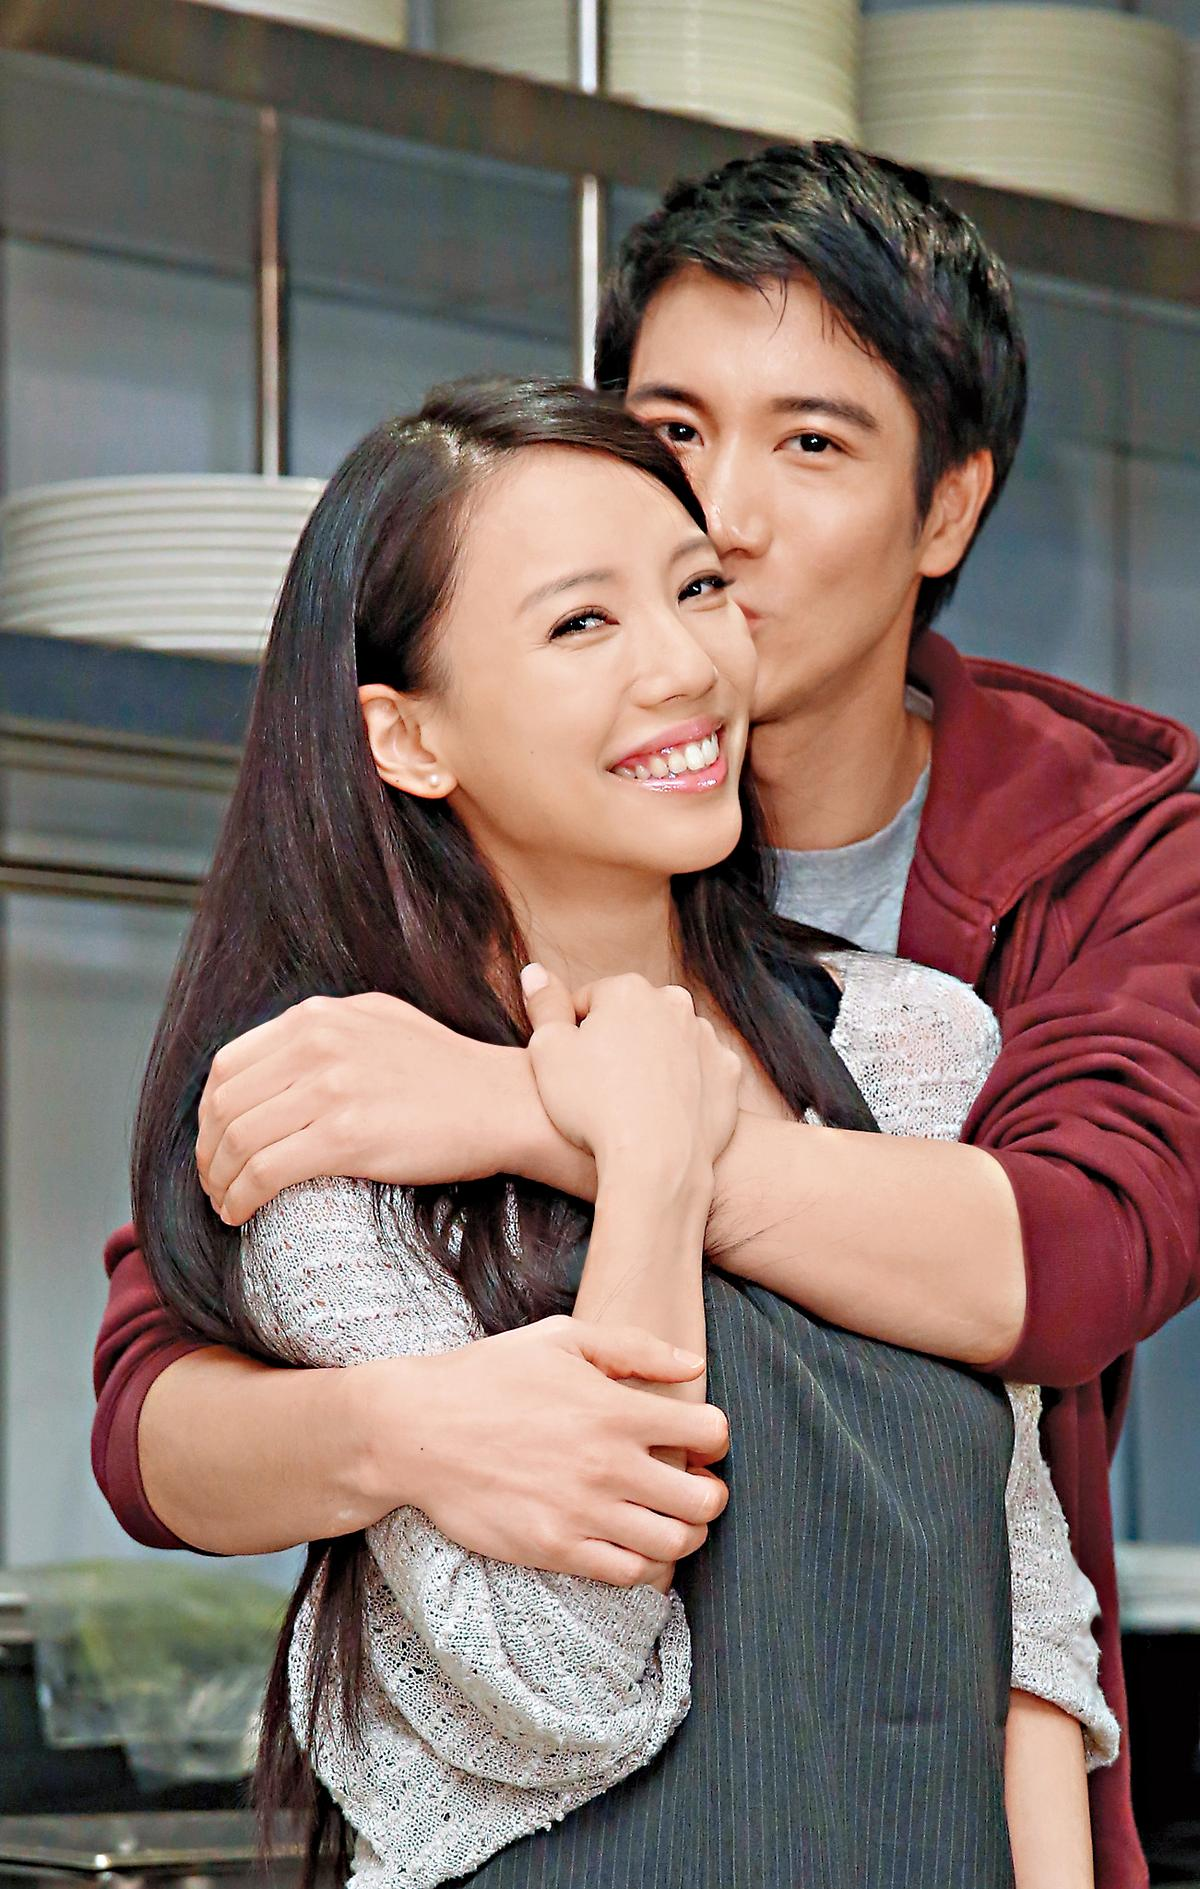 王力宏太座李靚蕾掛名製作人,面對負評親上火線開槓,引起歌迷不滿。(宏聲提供)